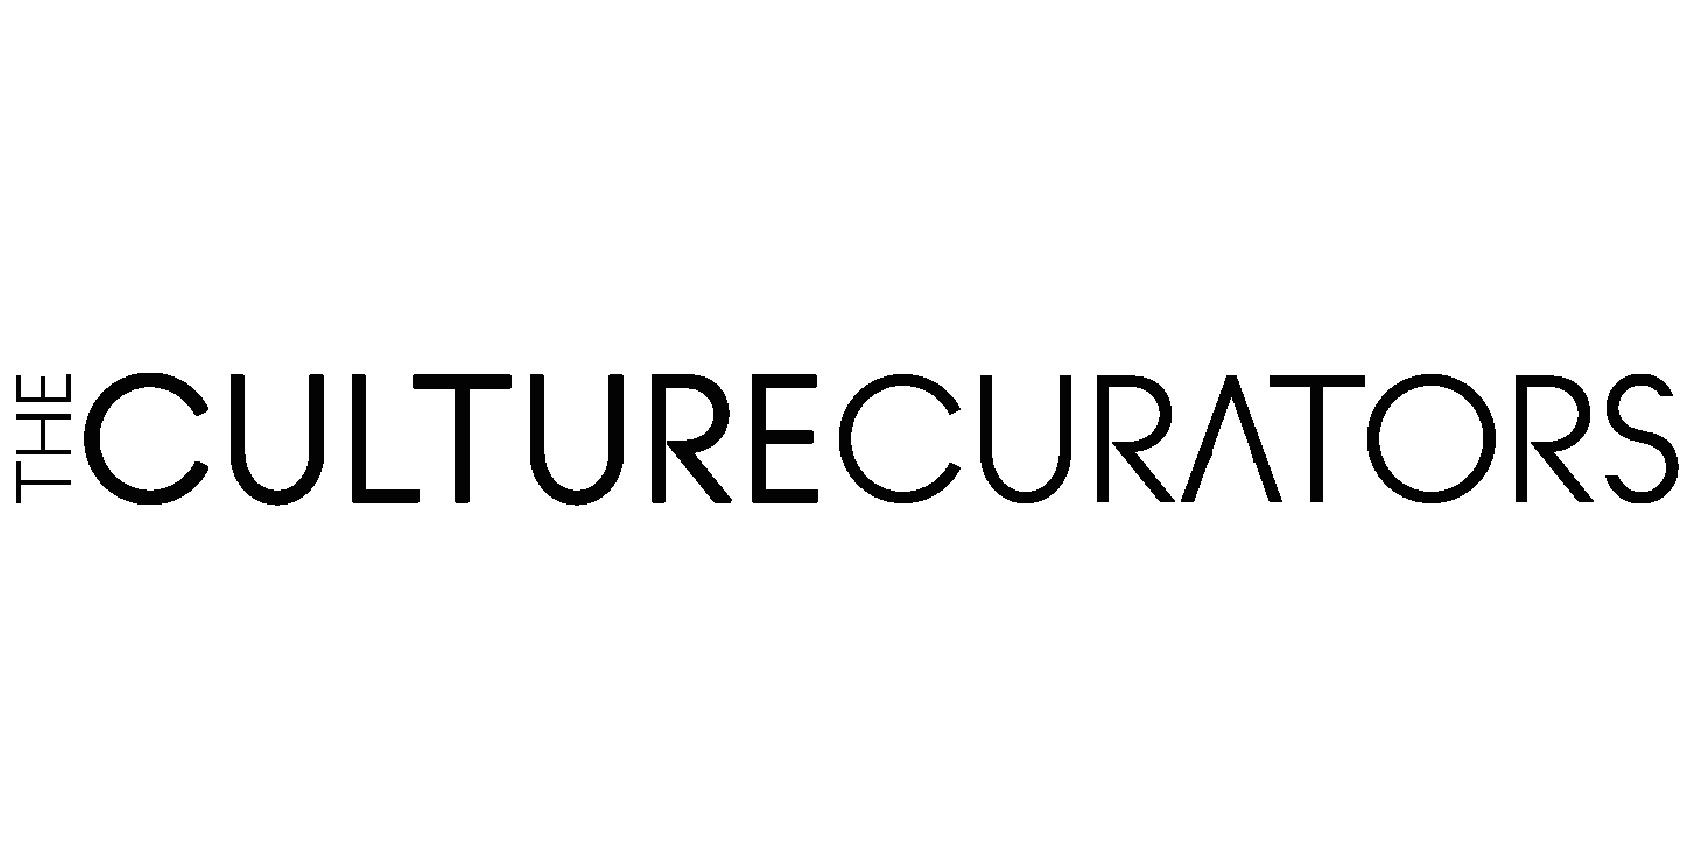 The culture curators